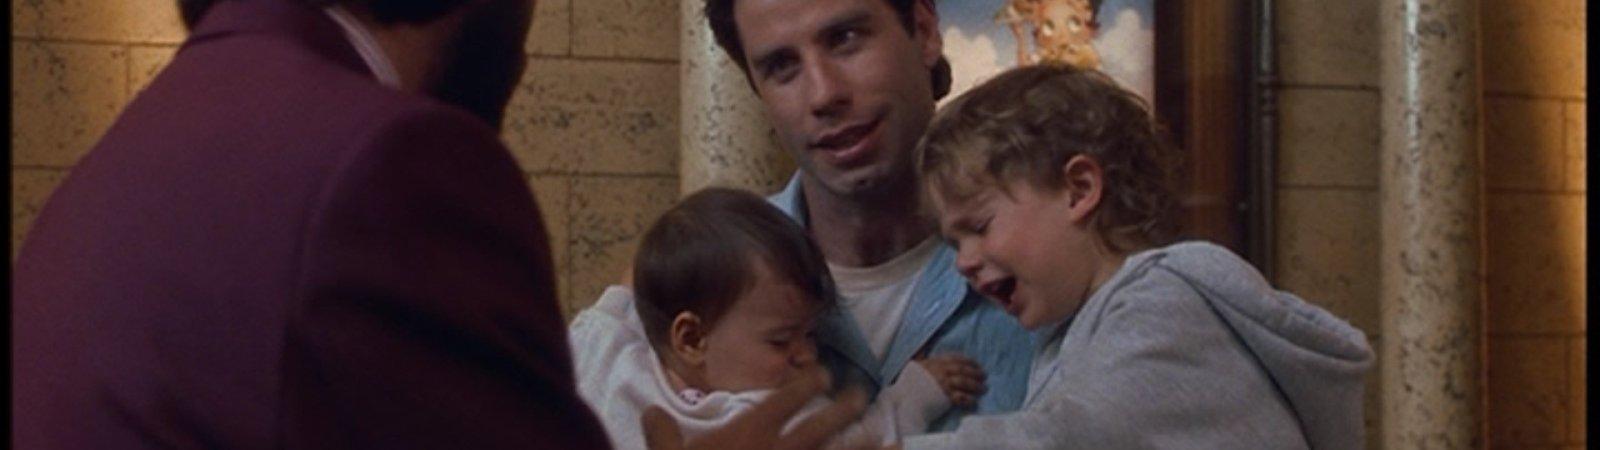 Photo du film : Allo maman c'est encore moi